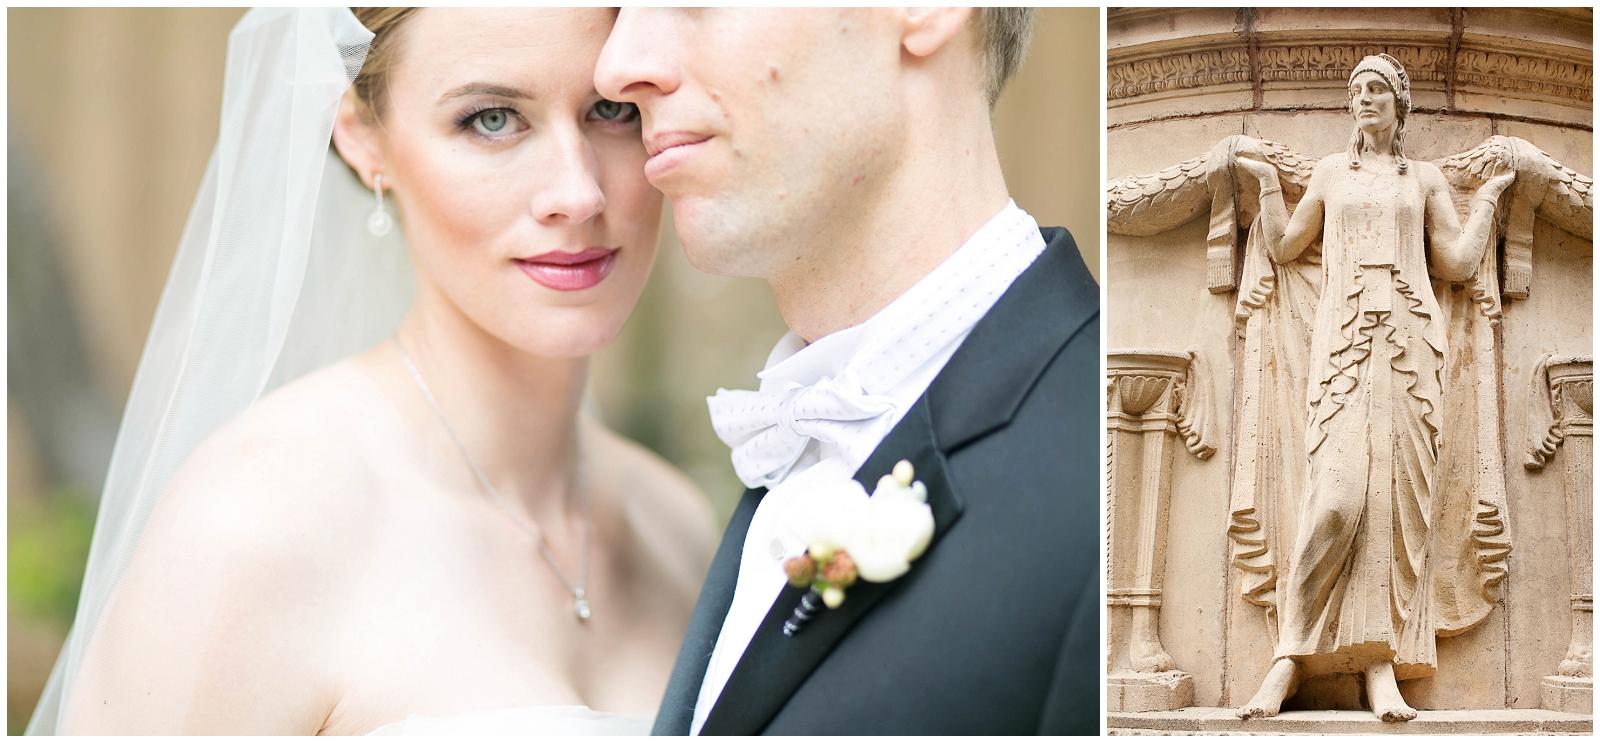 San-Francisco-Bay-Area-Wedding-Photography-Julia-Morgan-Ballroom-4.jpg